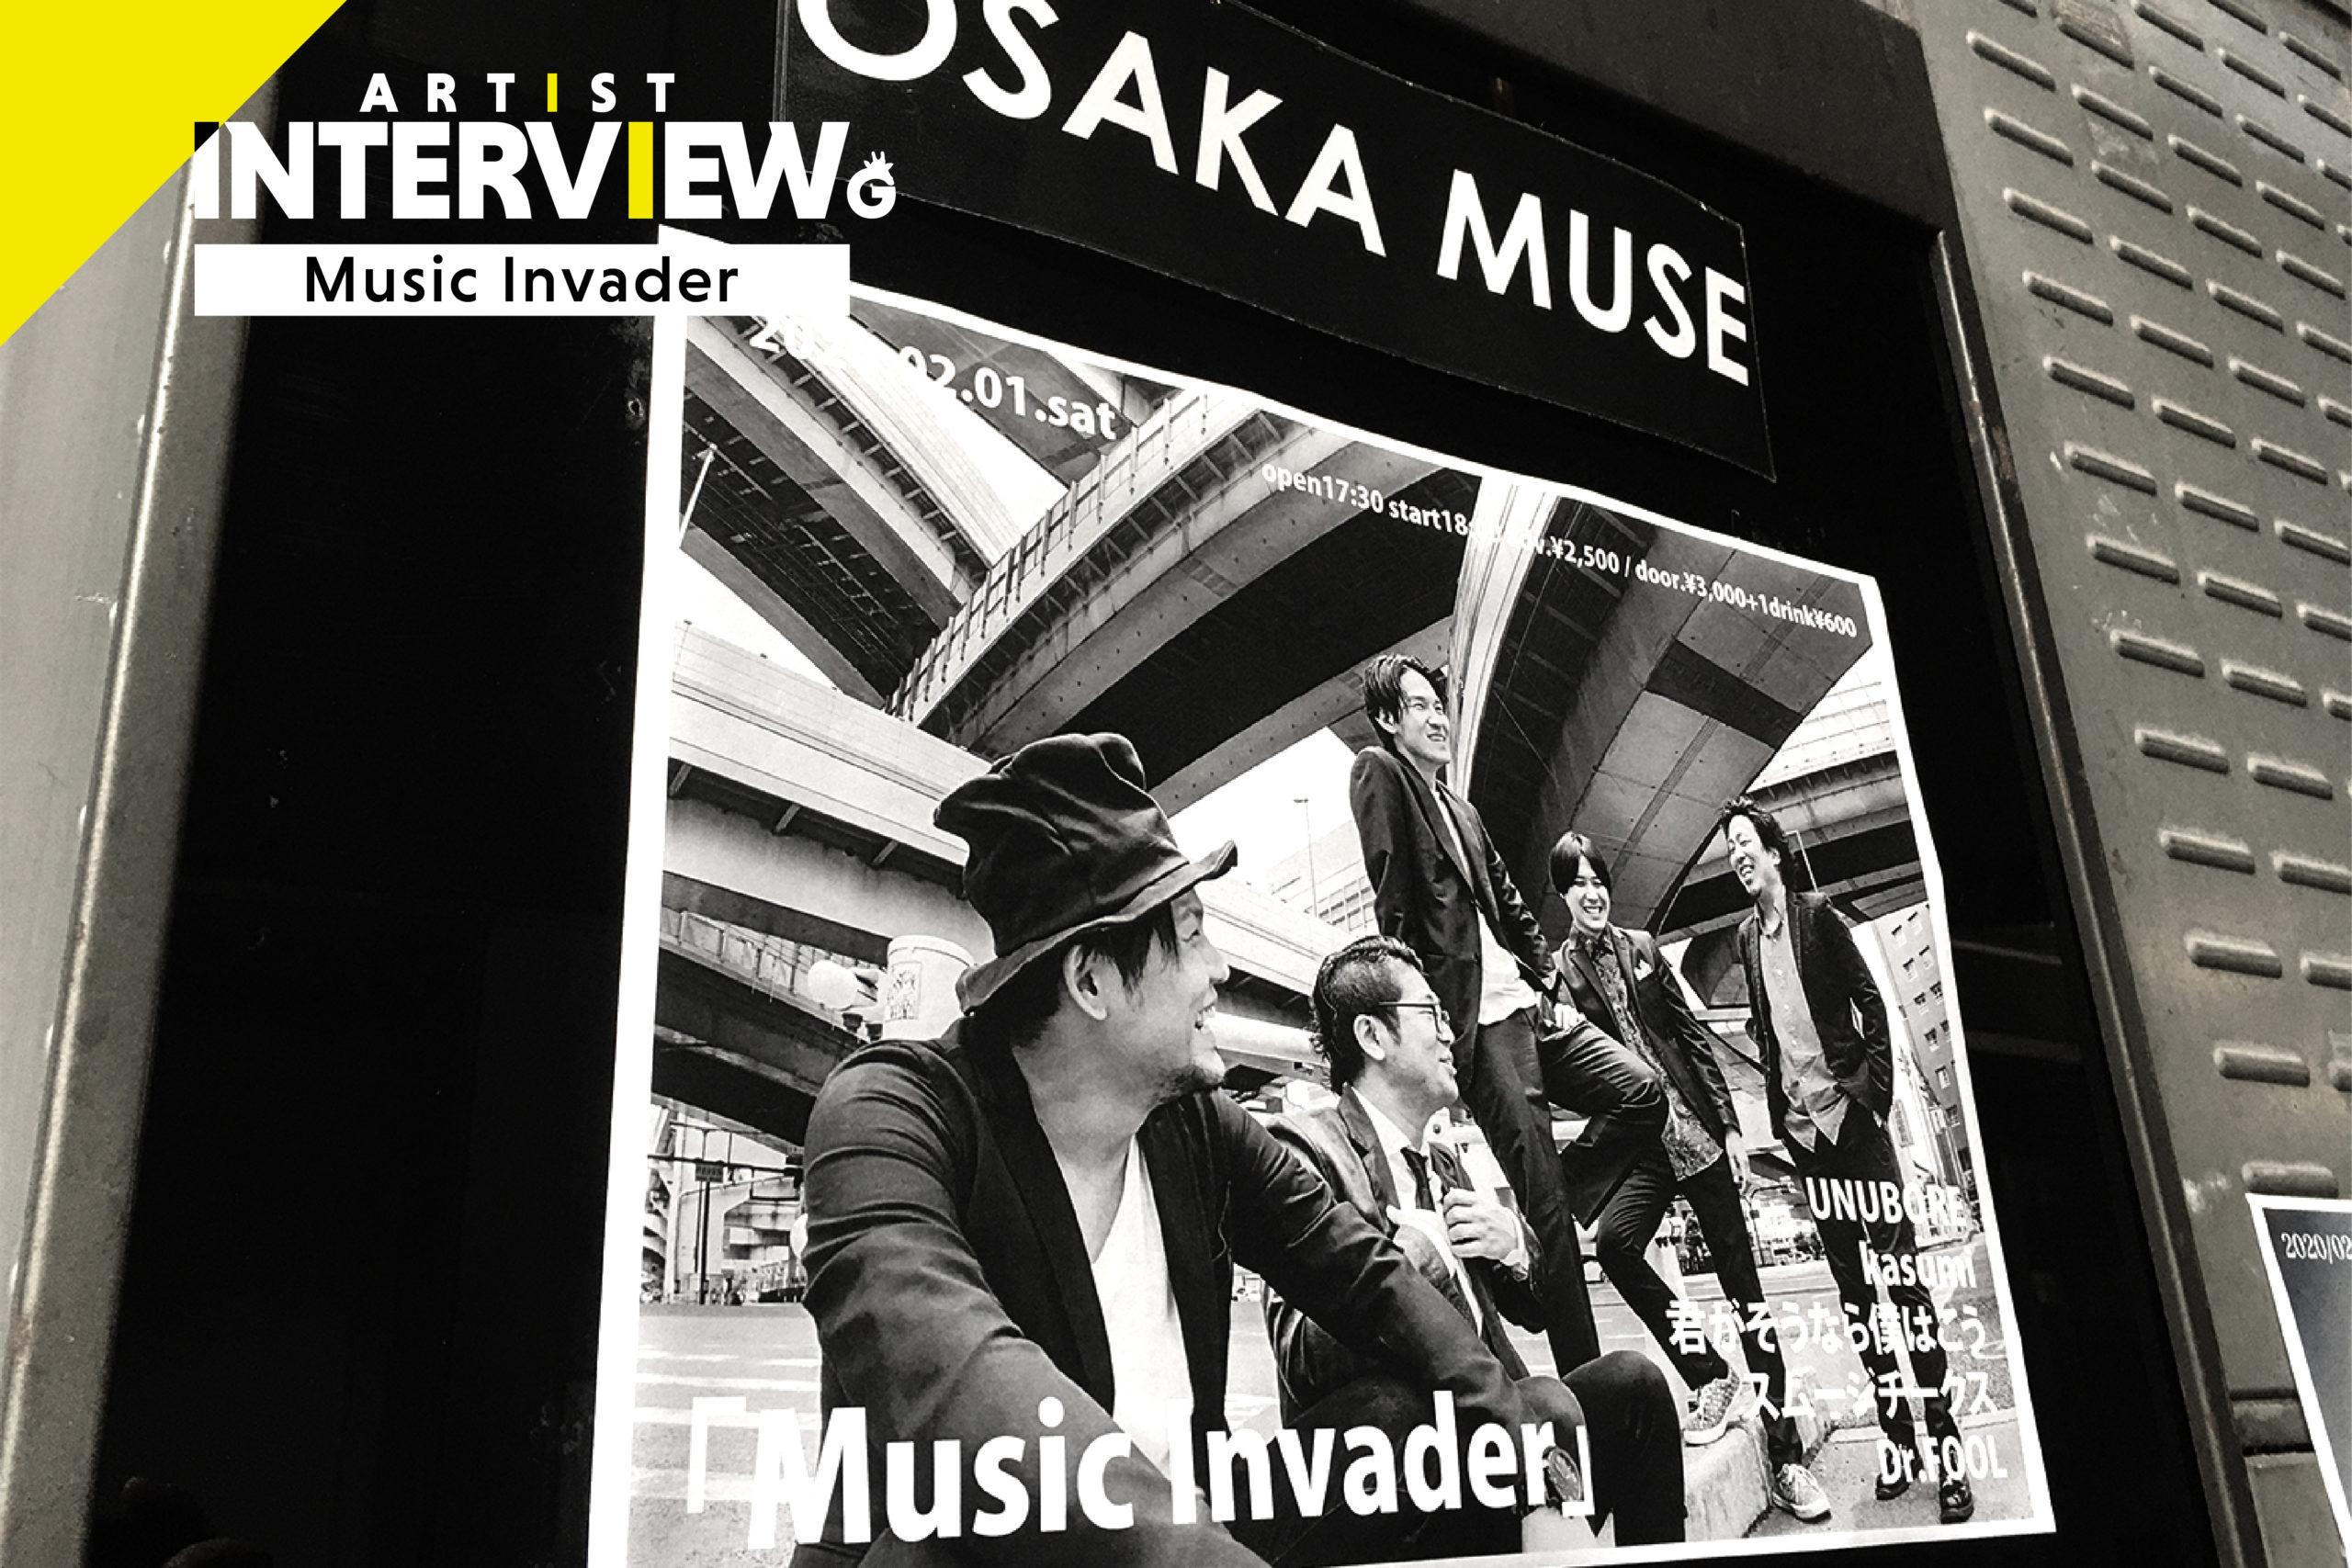 「【Music Invader 前編】インタビュー/ライブイベント『Music Invader』に懸ける思いを出演バンドの全ボーカルが語る!」のアイキャッチ画像